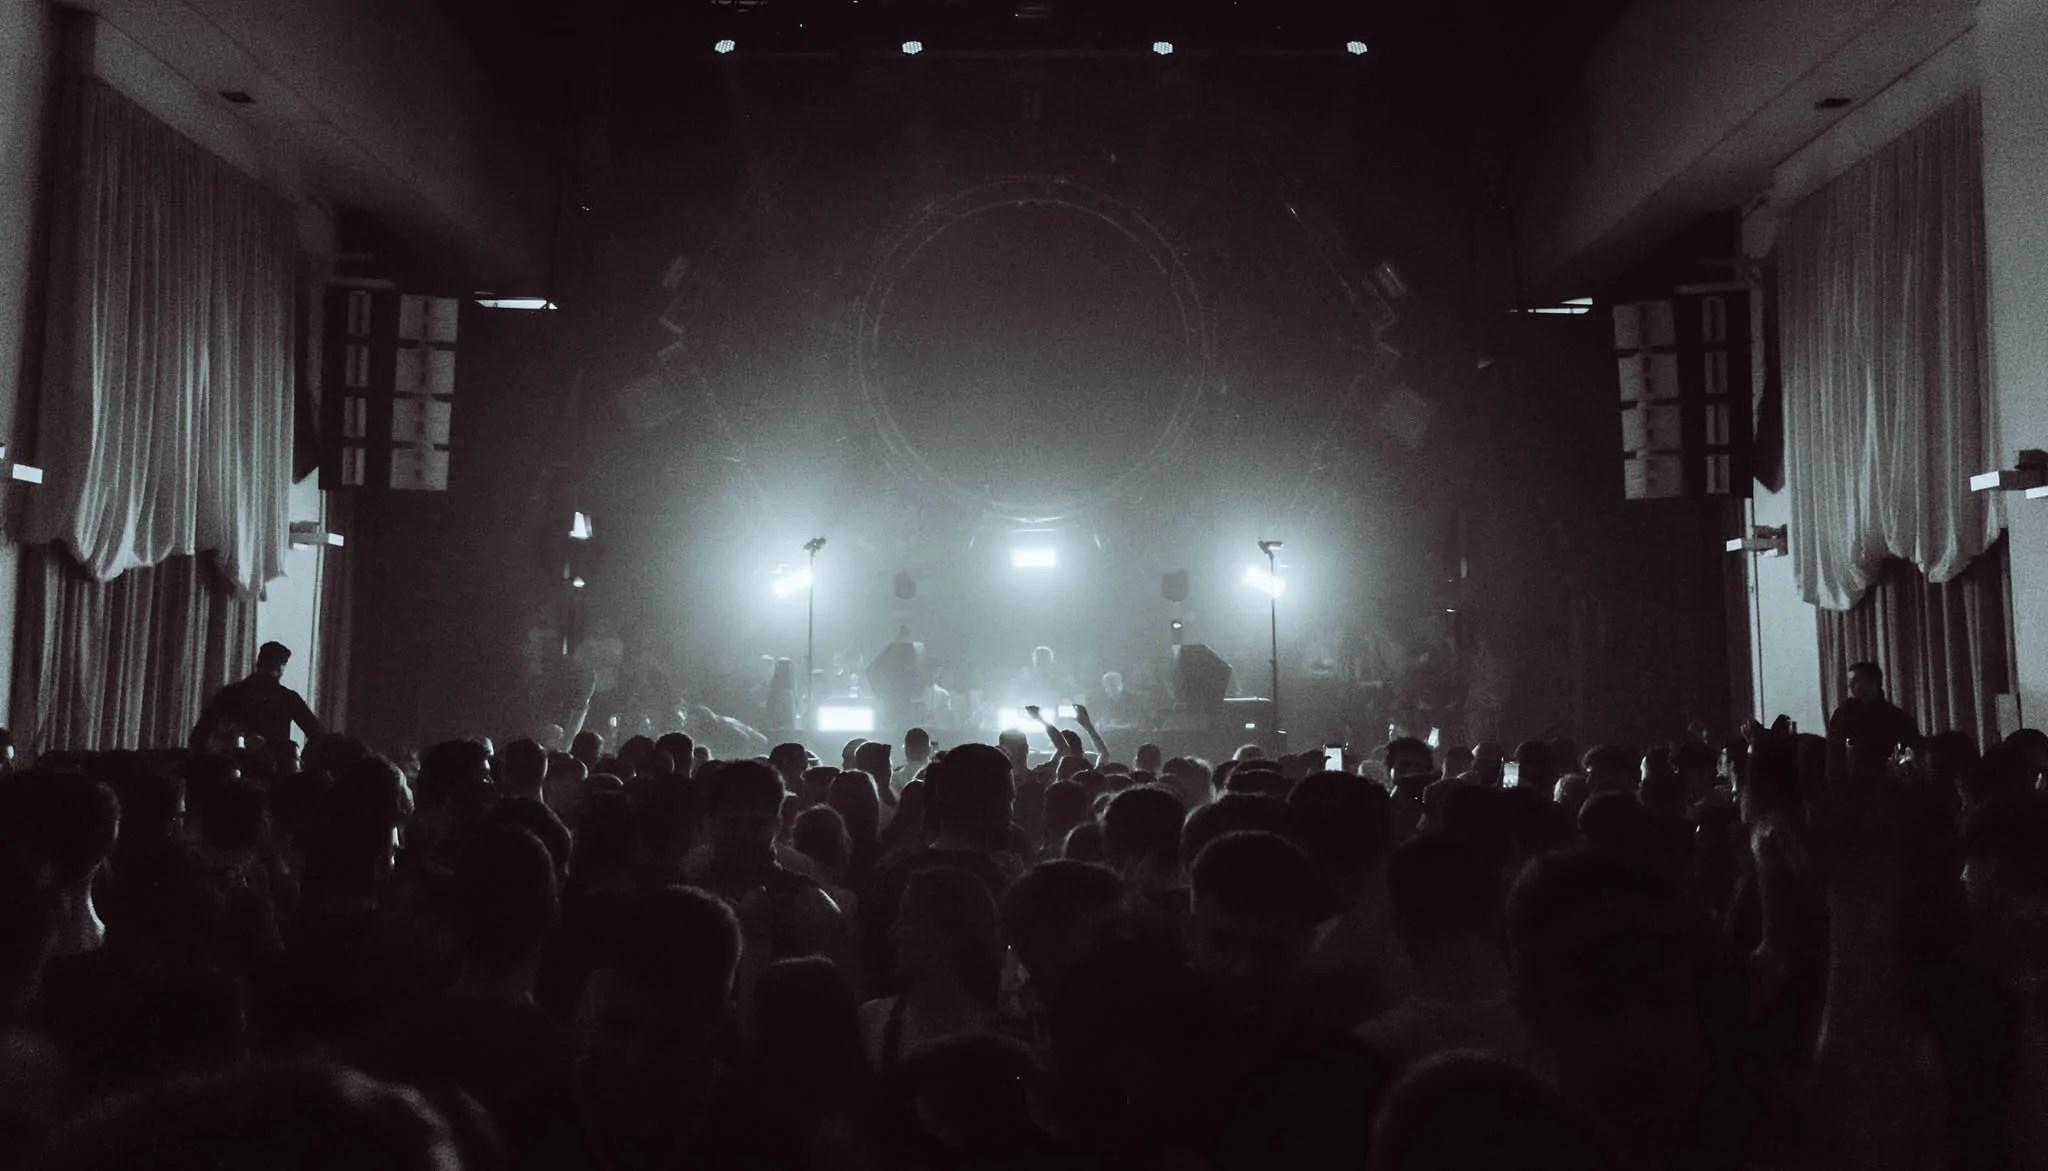 Alan FitzPatrick at Spazio Novecento Roma Closing – Sabato 25 Maggio 2019 | Ticket/Biglietti/Prevendite 18APP Tavoli Pacchetti hotel Prevendite